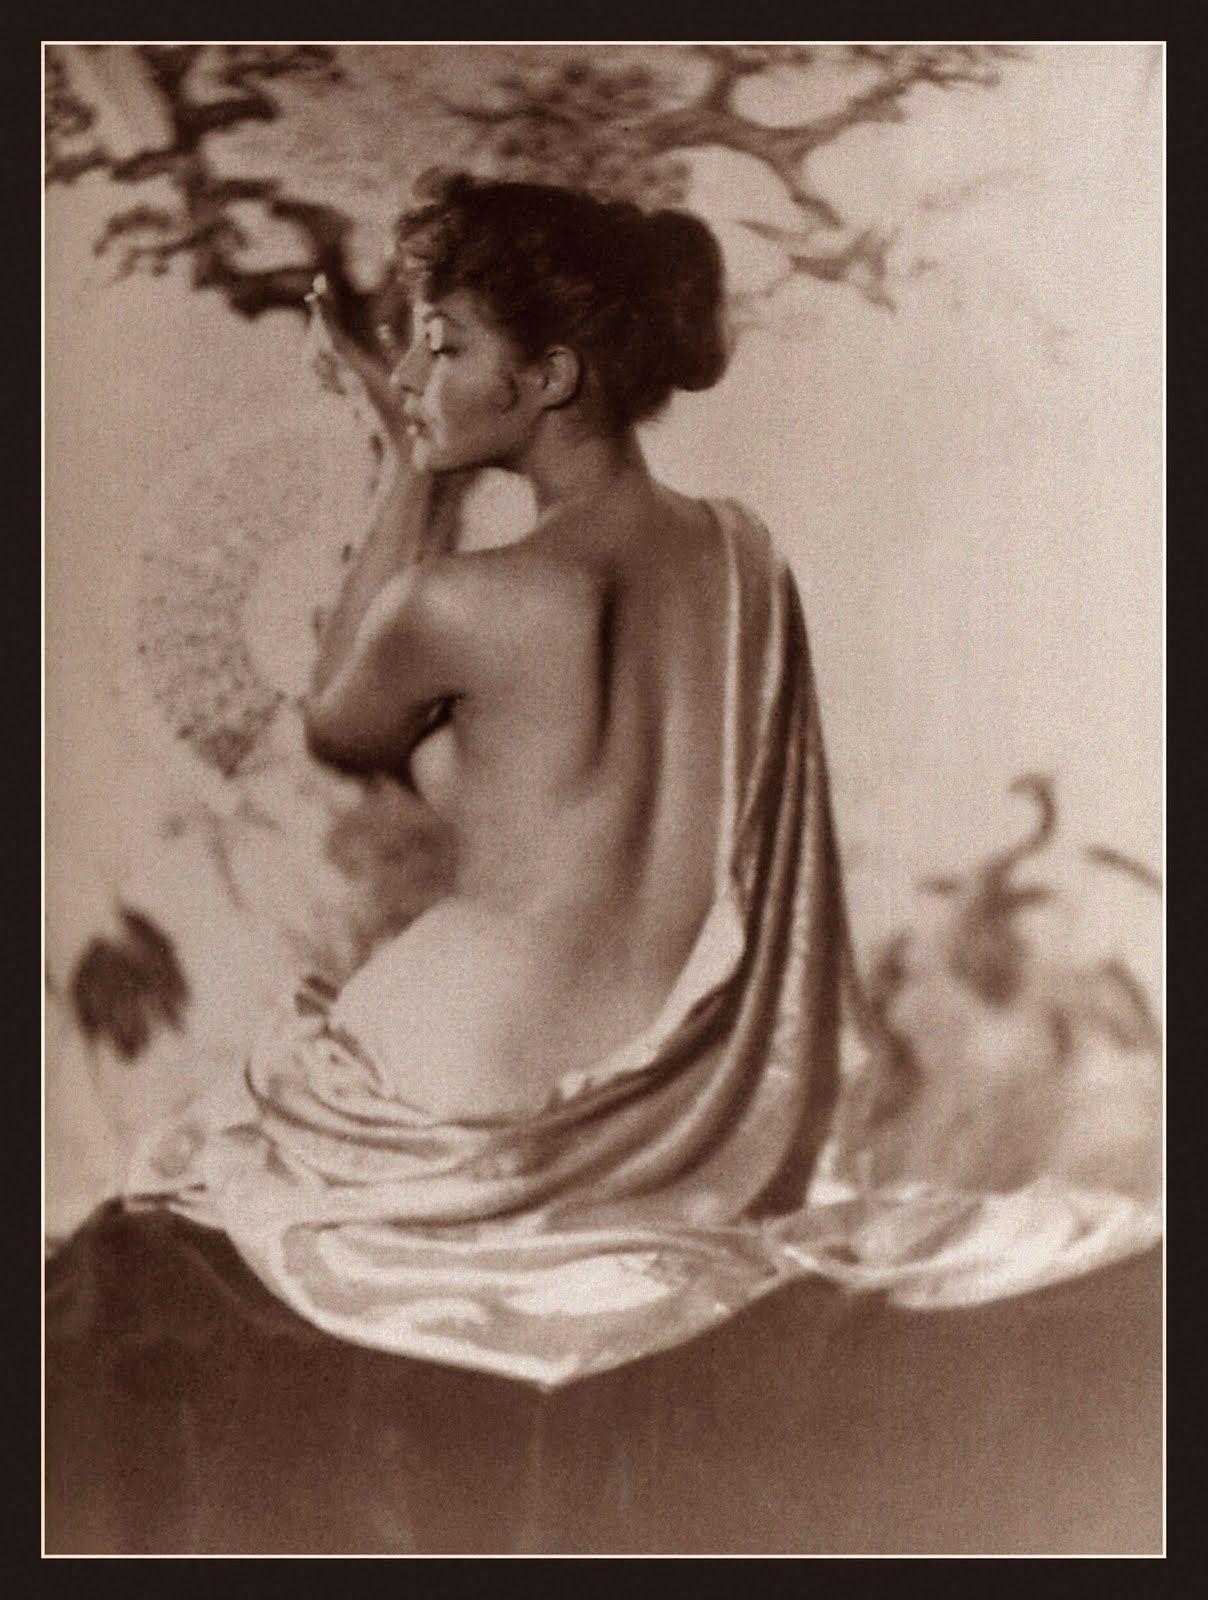 Julie newmar naked — 11